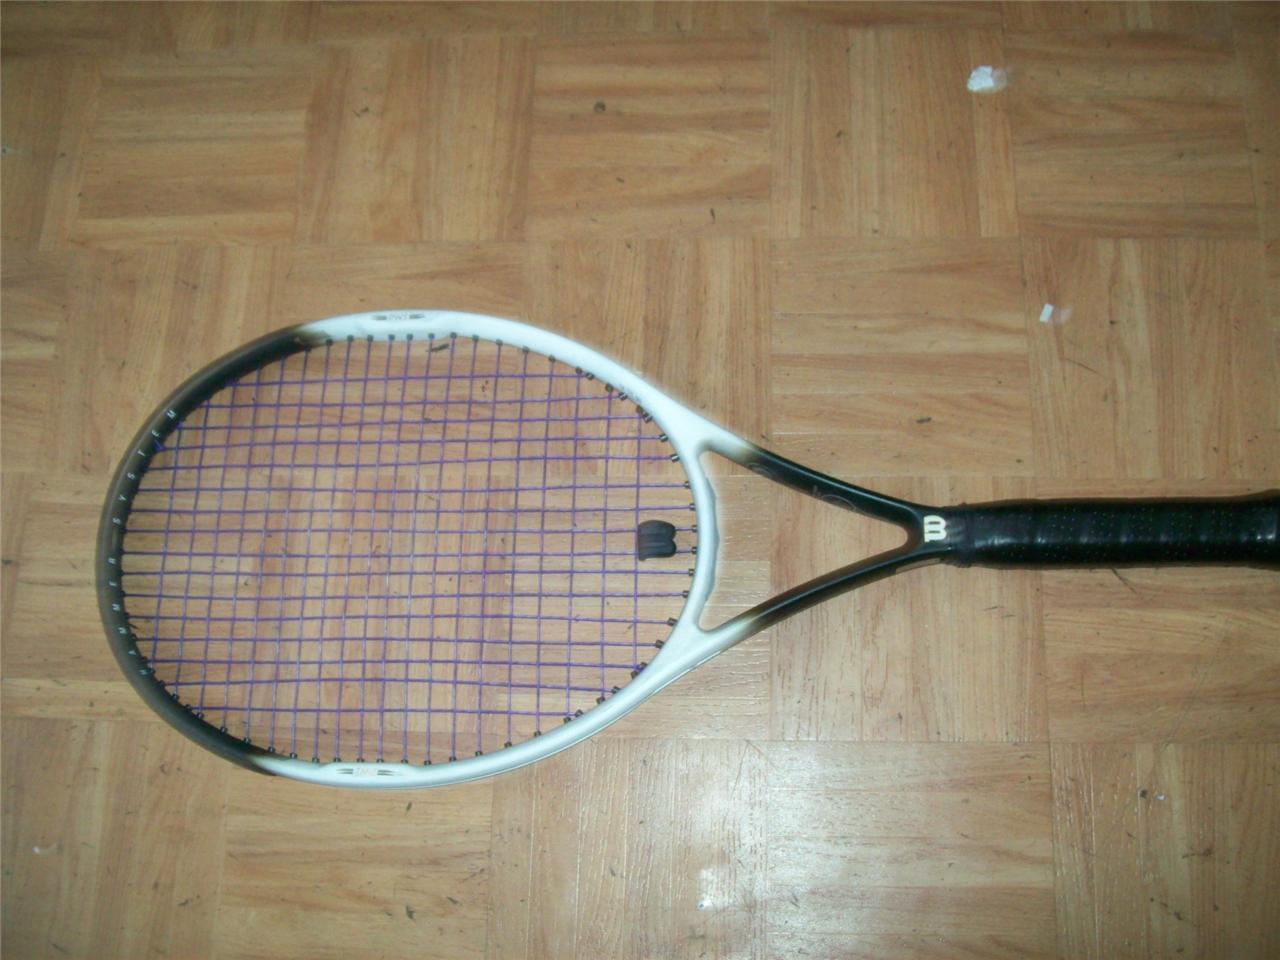 Wilson Hammer 6.2 OS 110 4 1 2 grip Tennis Racquet